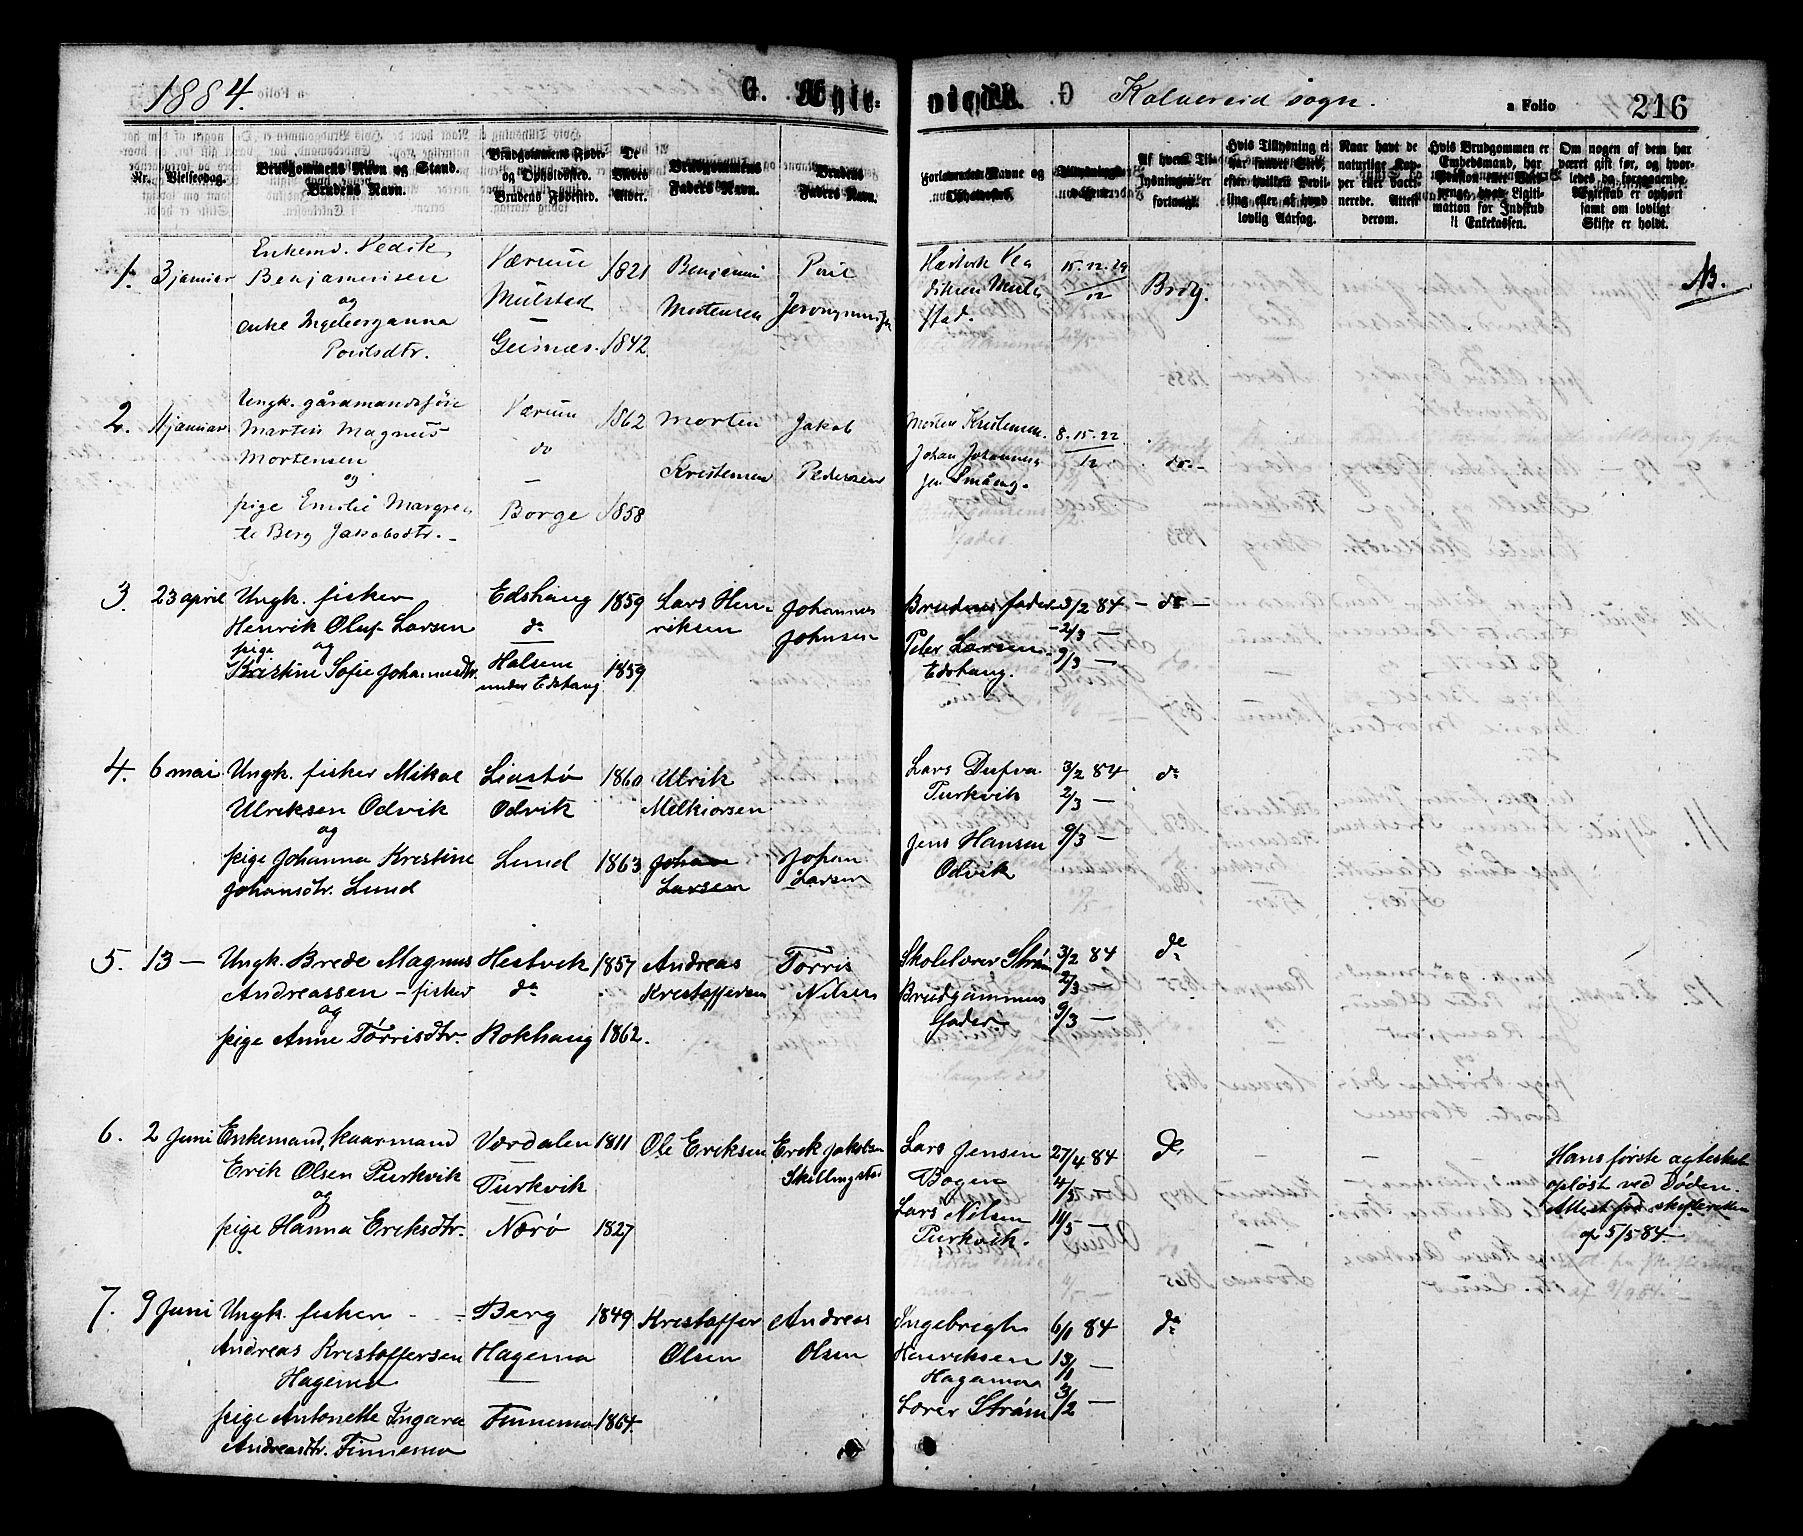 SAT, Ministerialprotokoller, klokkerbøker og fødselsregistre - Nord-Trøndelag, 780/L0642: Ministerialbok nr. 780A07 /1, 1874-1885, s. 216